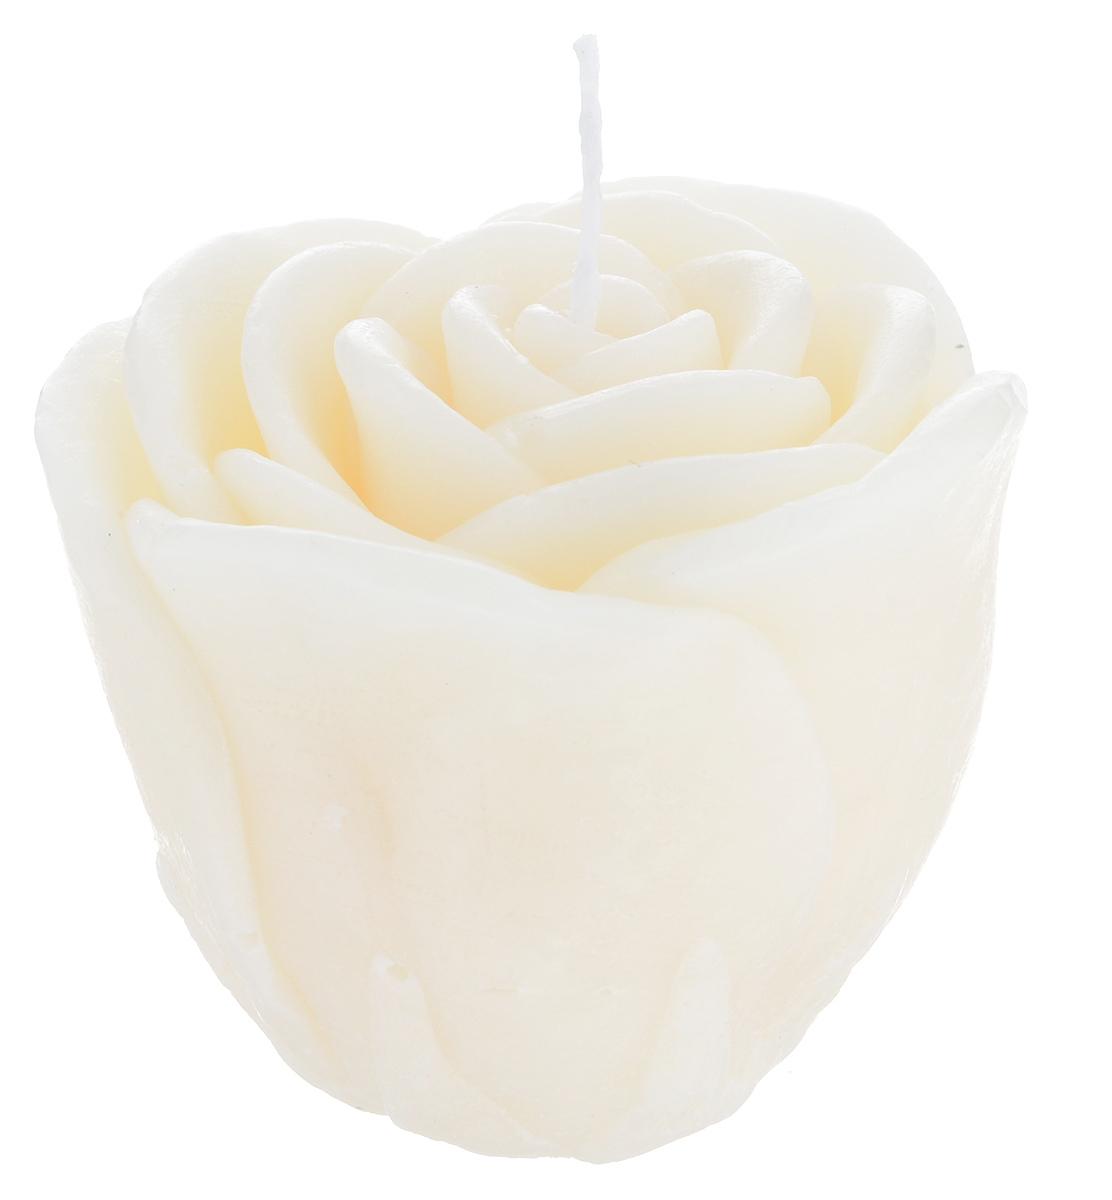 Свеча декоративная Proffi Большая роза, цвет: бежевый, 7 х 7 х 6 смPH5925Декоративная свеча Proffi Большая роза изготовлена из парафина и стеарина, а фитиль из хлопка. Изделие выполнено в виде розы. Предназначена для освещения и украшения помещений. Такая свеча может стать отличным подарком или дополнить интерьер вашей спальни или гостиной.